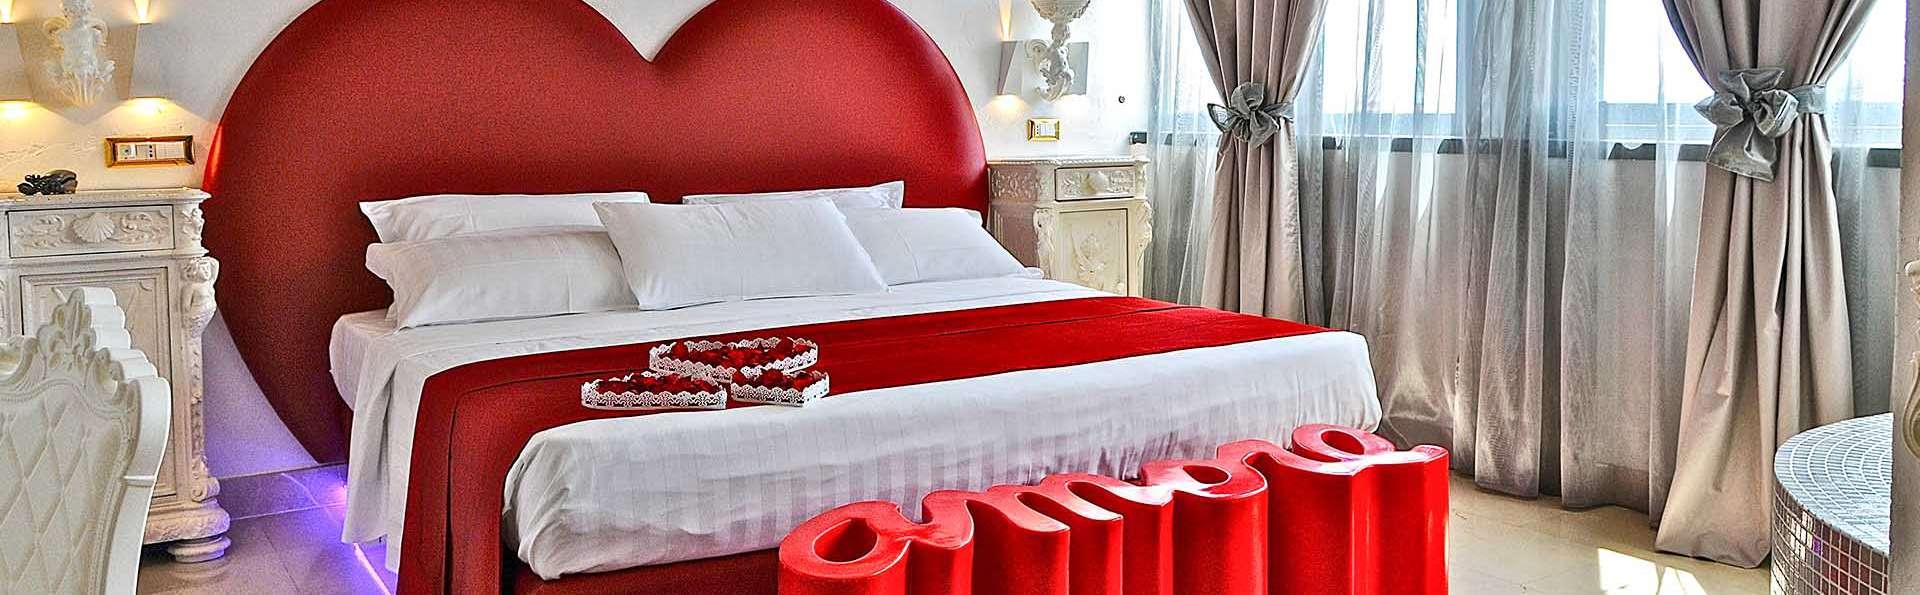 Week-end en couple à Rome : avec jacuzzi privé, petit déjeuner en chambre et vue sur la ville